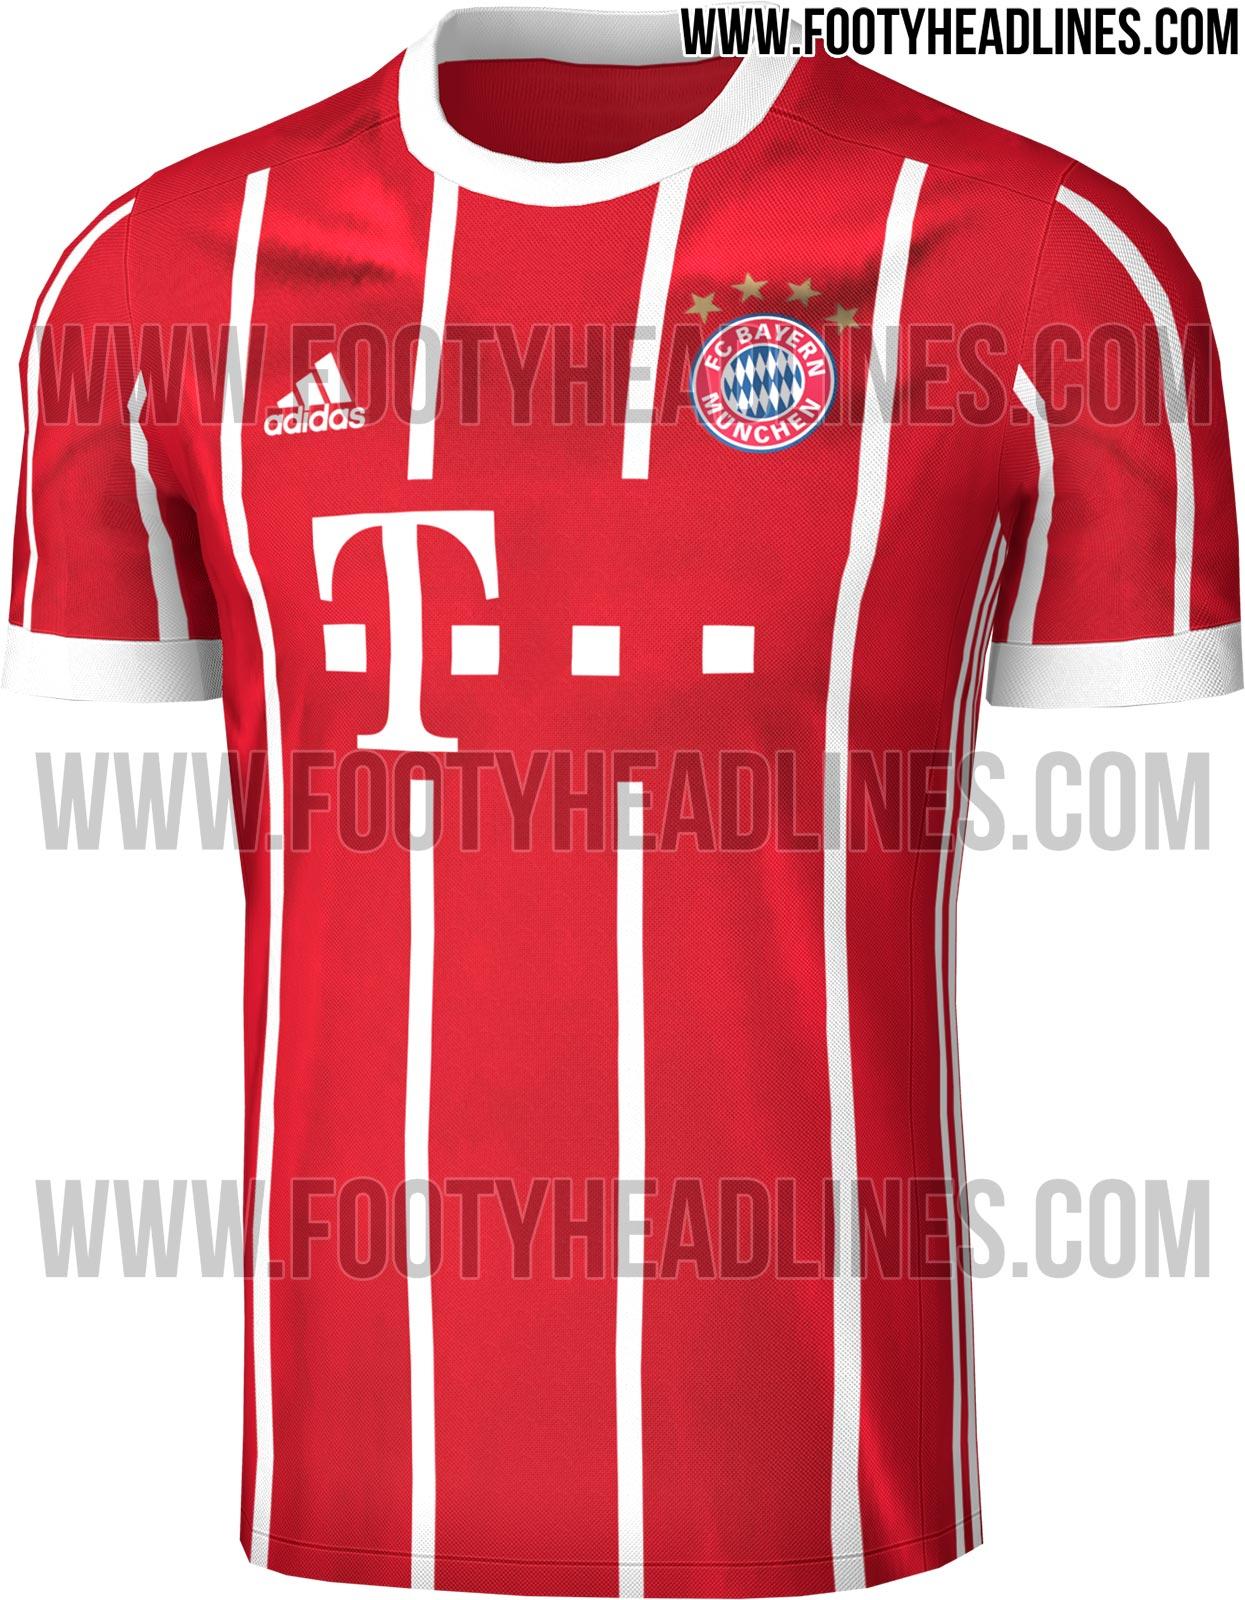 cff39bbd2a0c9 Novas imagens da camisa do Bayern para temporada que vem